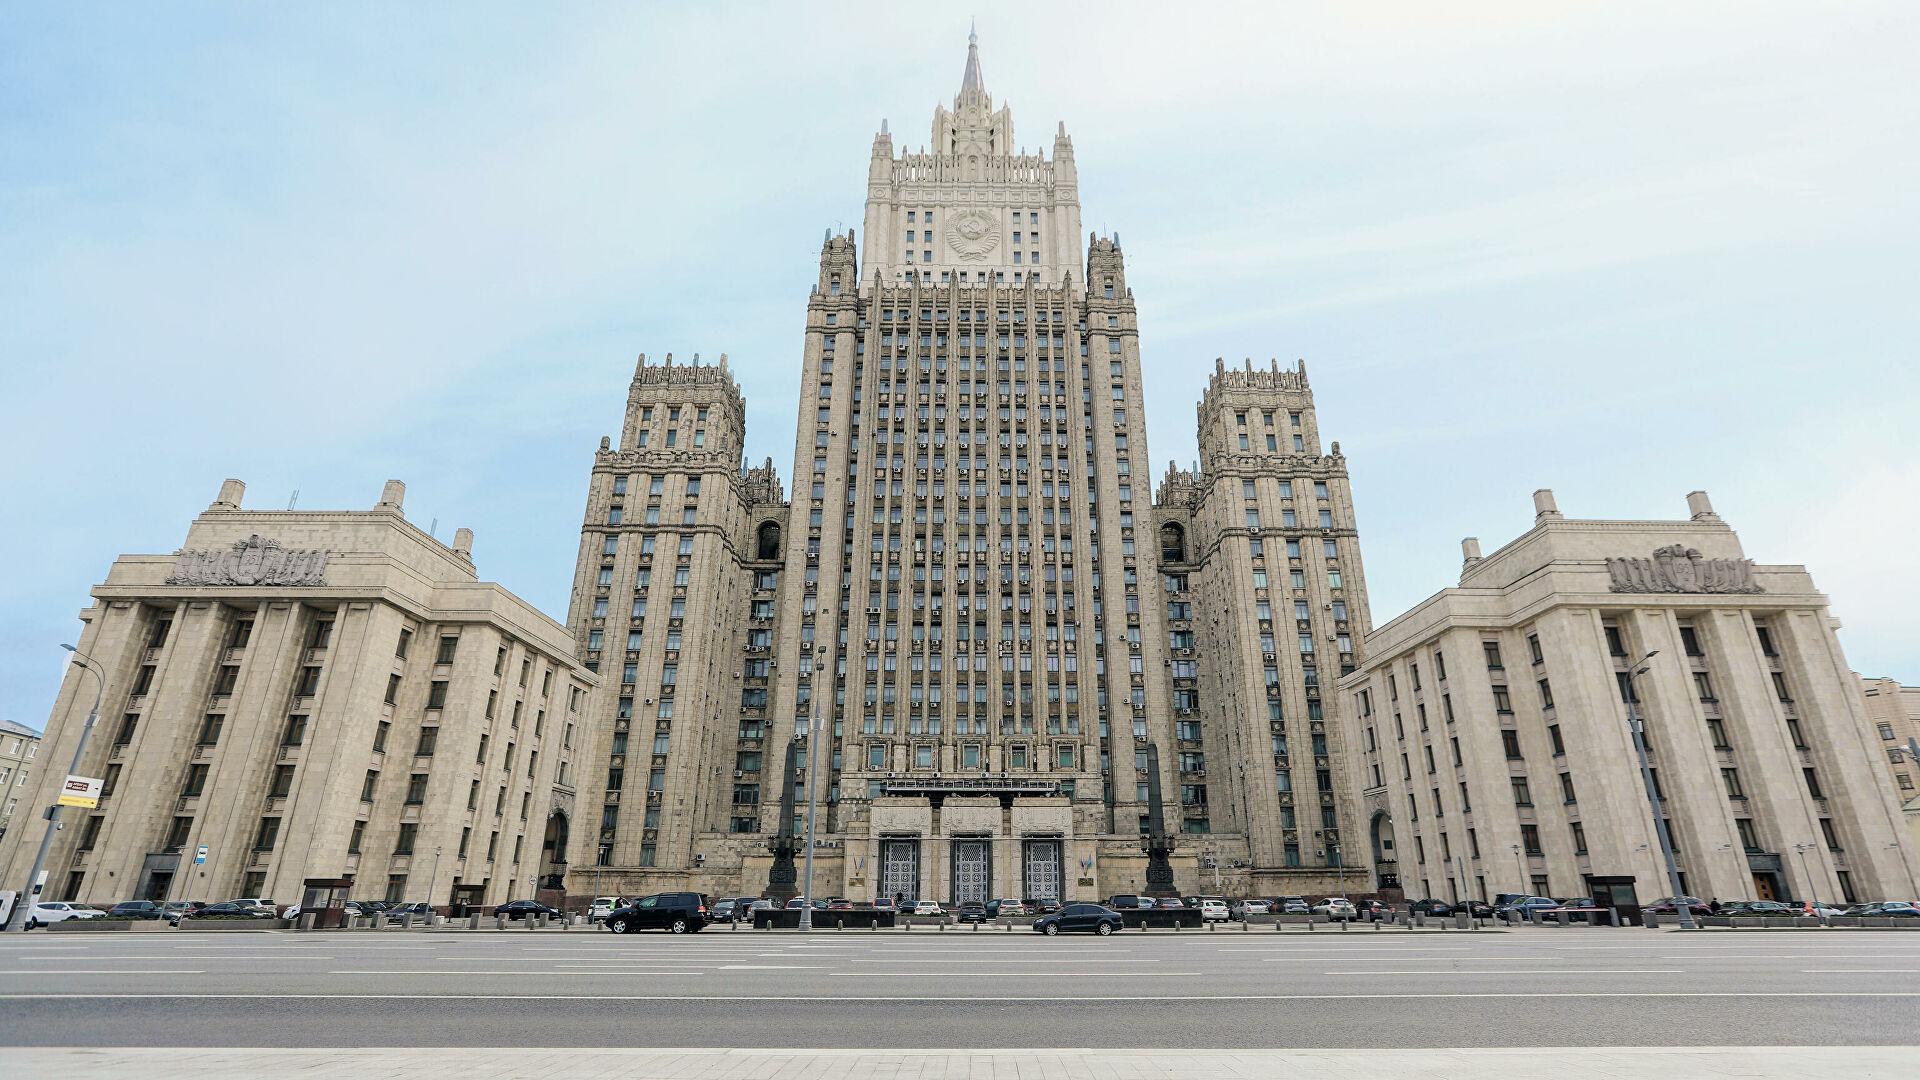 Москва: Покушаји да се именује нови високи представник без консензуса заобилазећи СБ УН неспојиви са интересима стабилизације БиХ